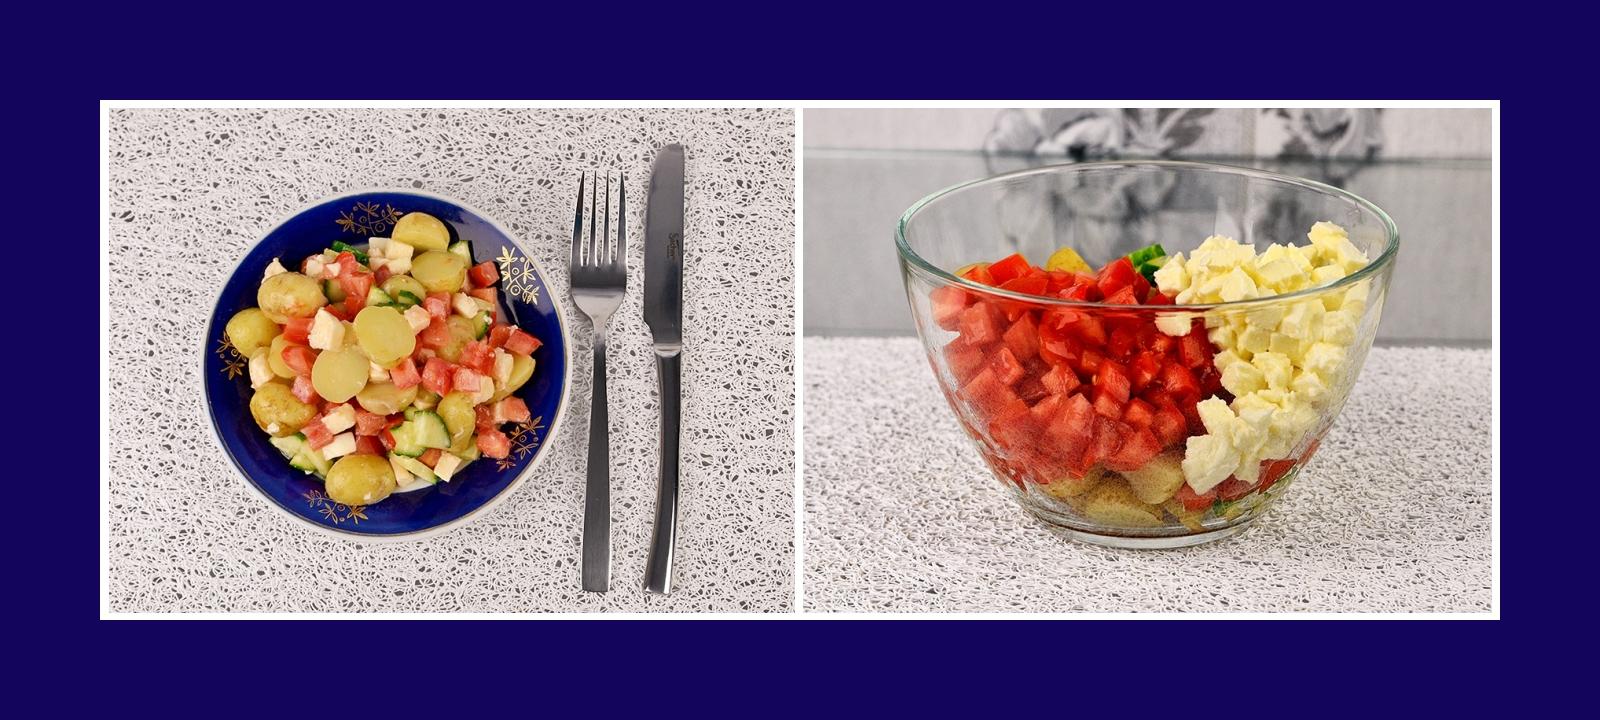 Kartoffelsalat mit Tomaten, Mozzarella und Gurken